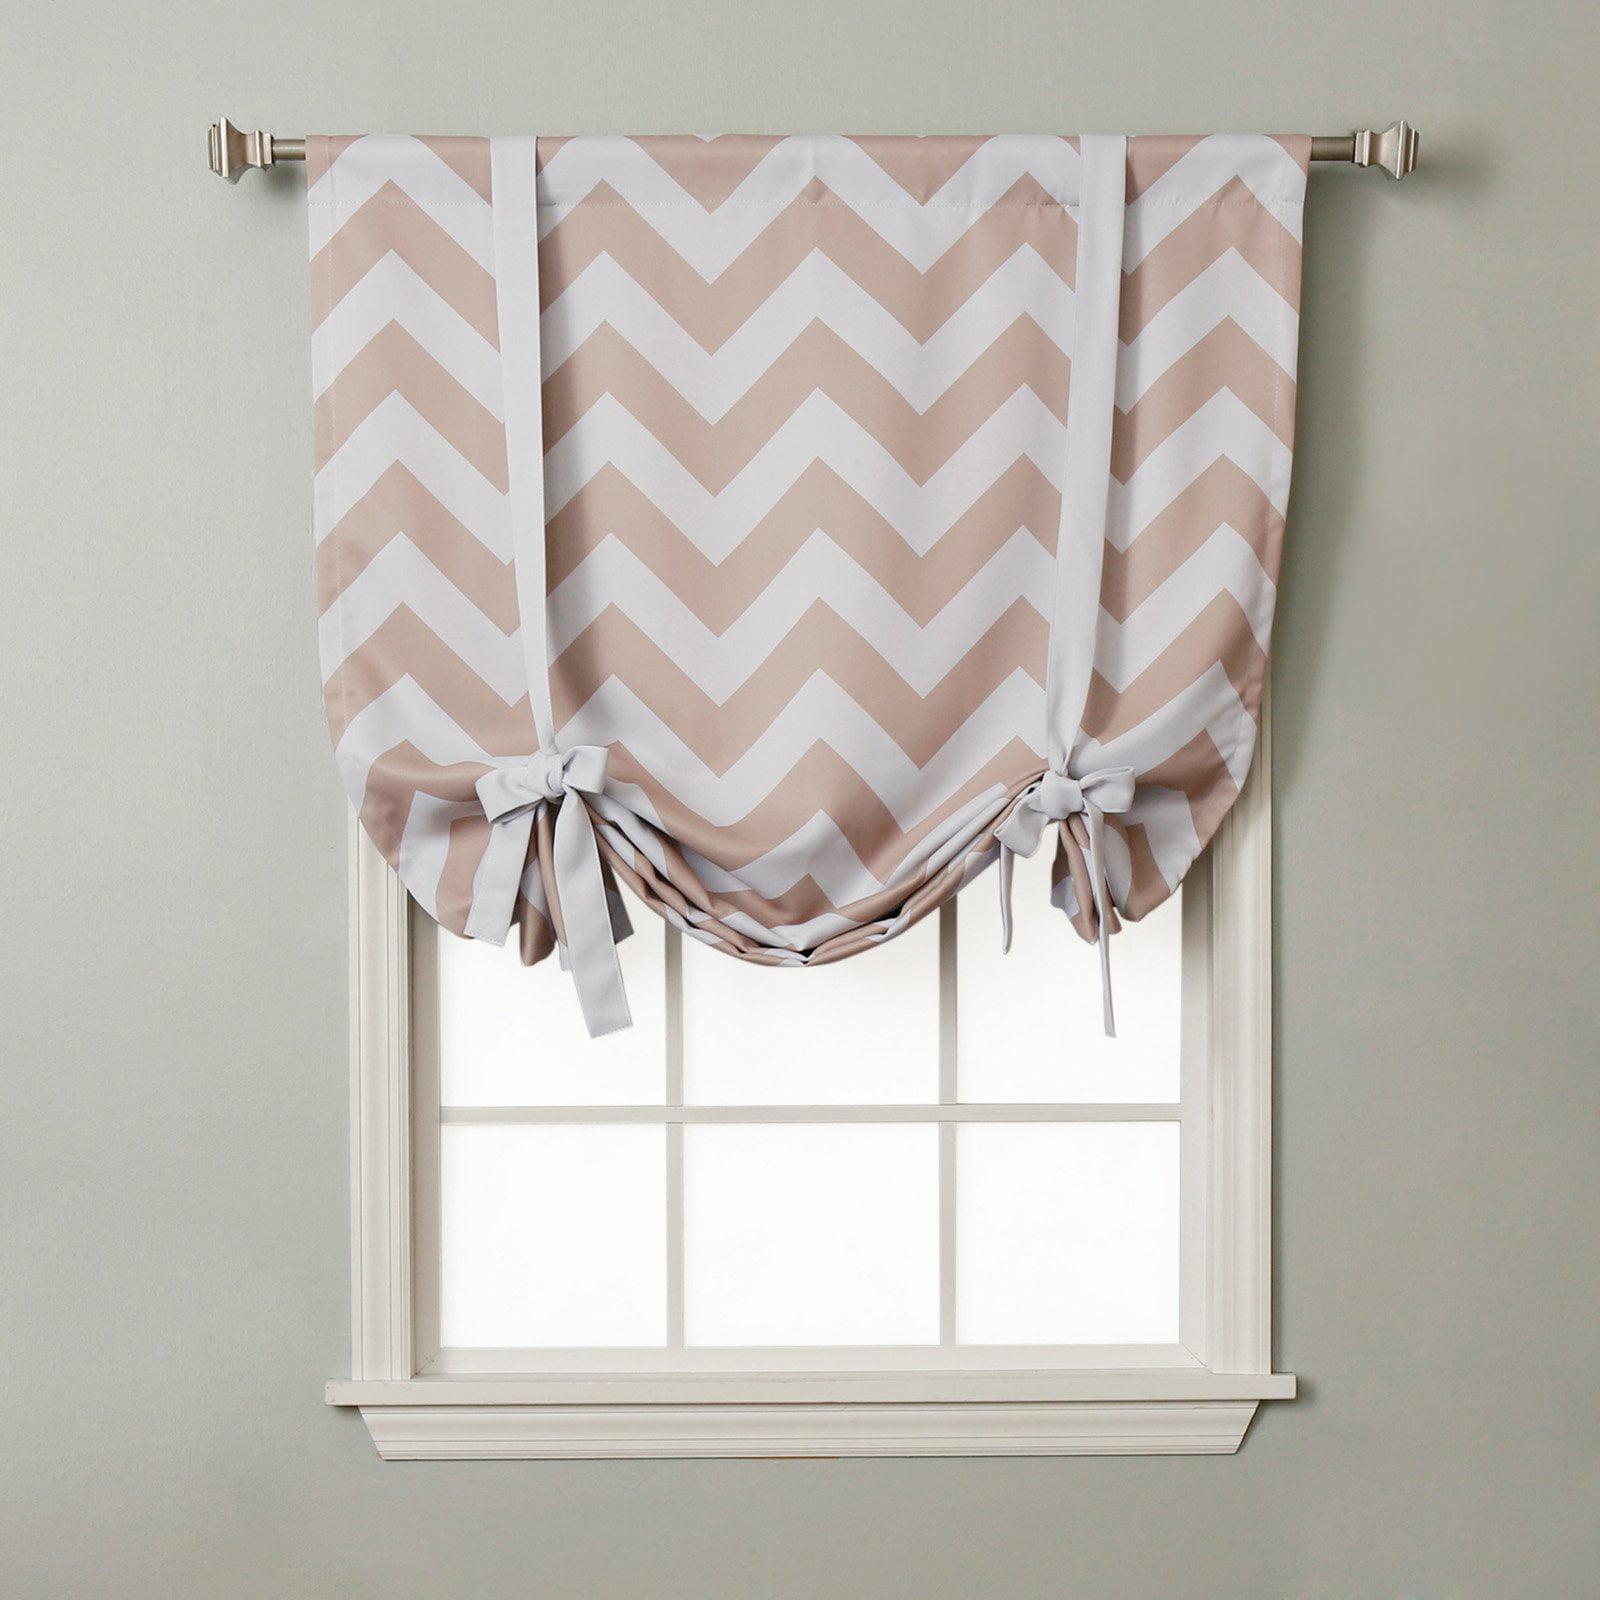 Best Home Fashion Chevron Print Room Darkening Tie-Up Window Shade